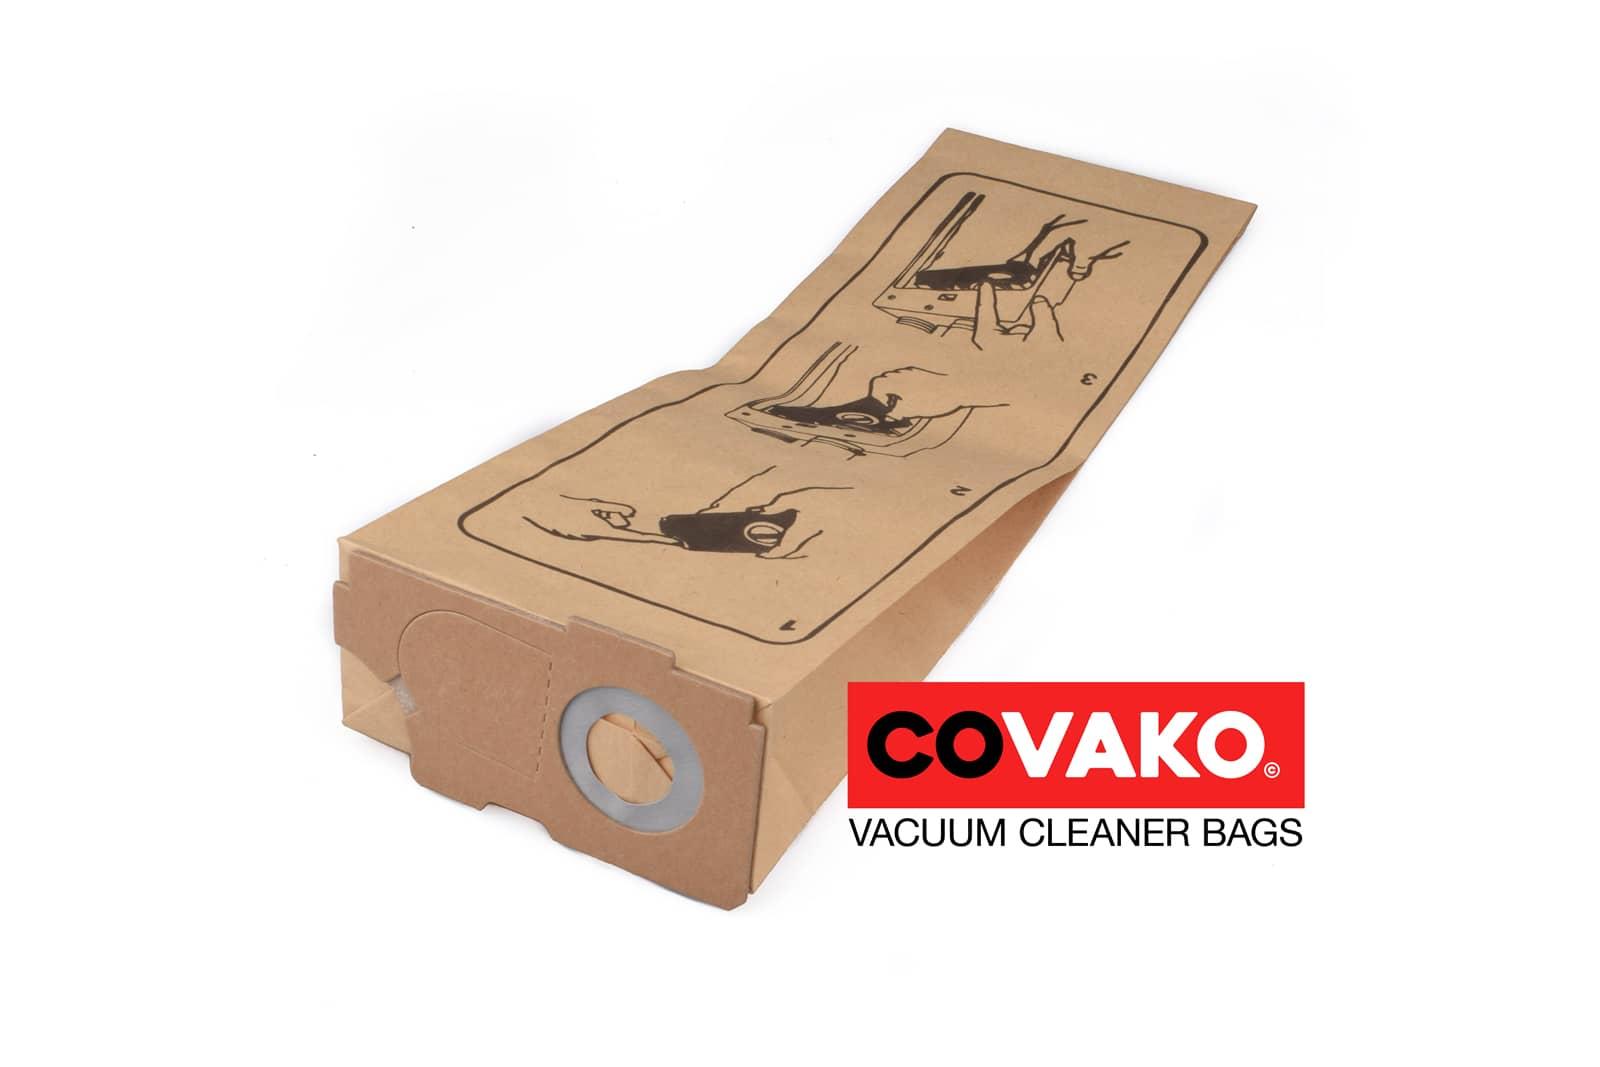 Hako 440 / Papier - Hako sacs d'aspirateur